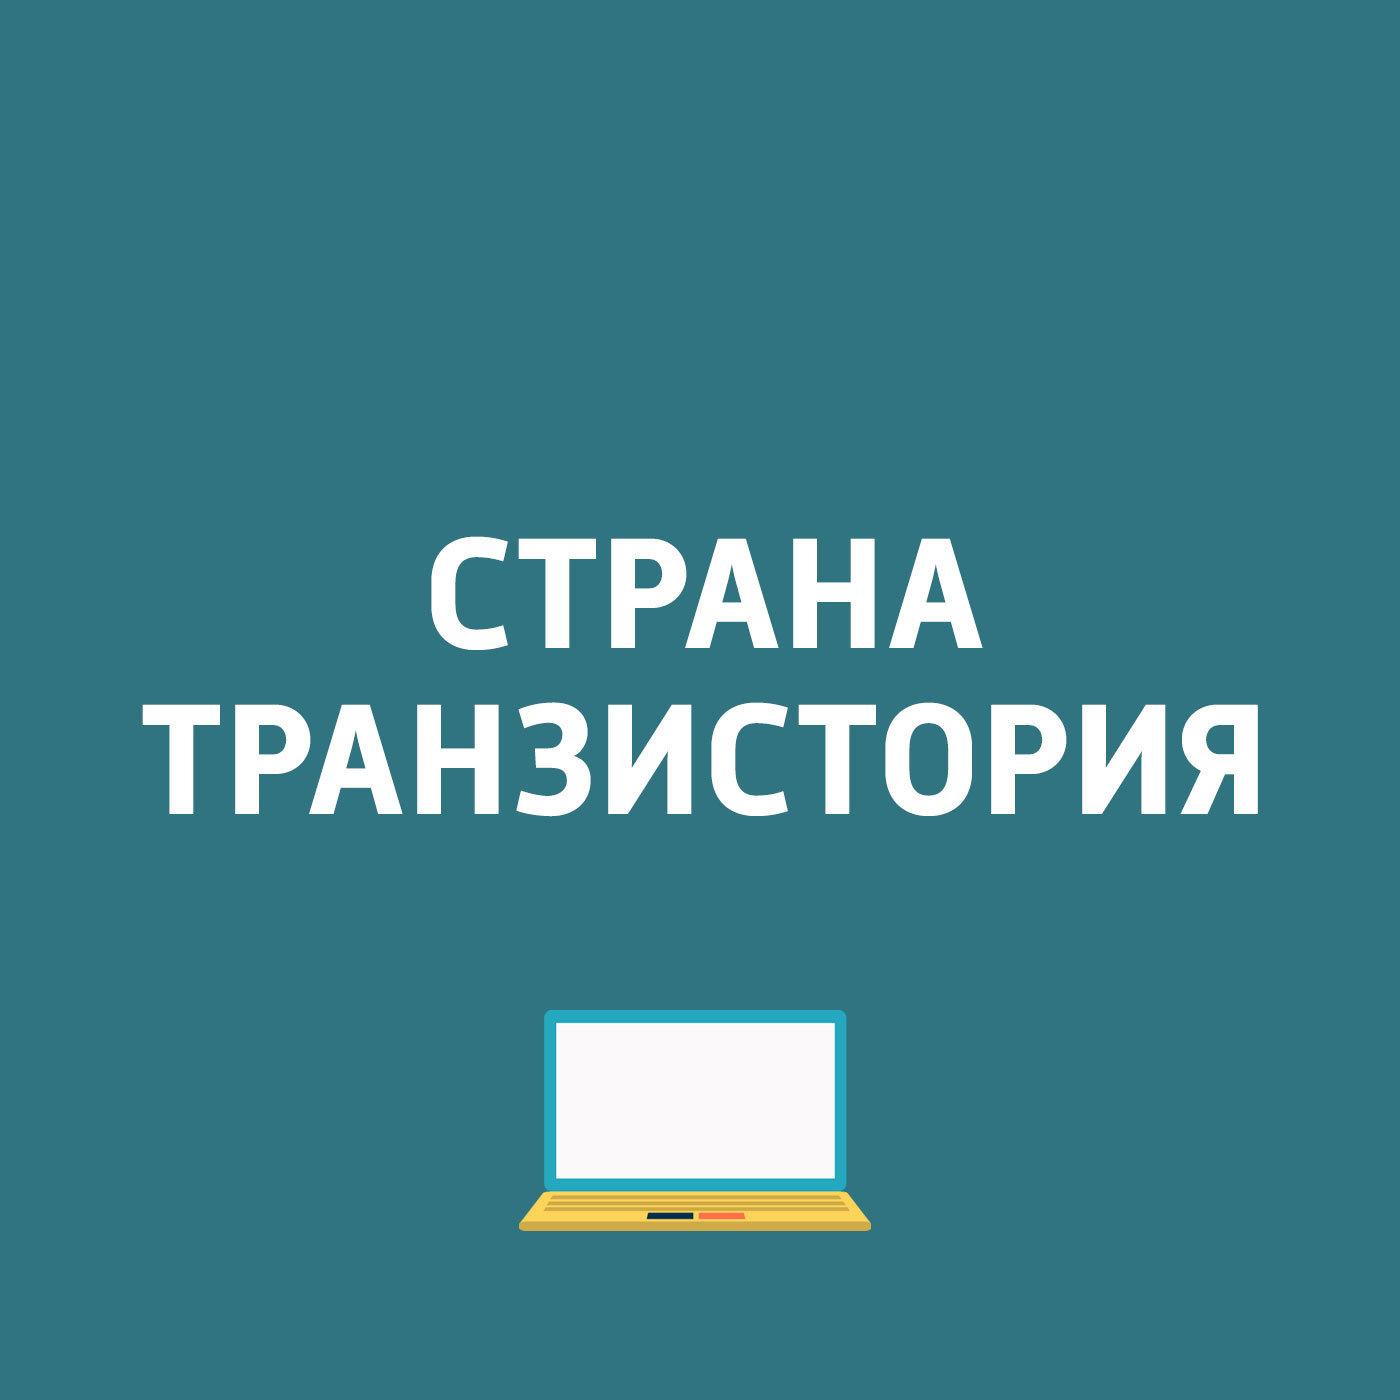 Картаев Павел Mail.ru работает на собственным голосовым помощником «Марусей» playstation